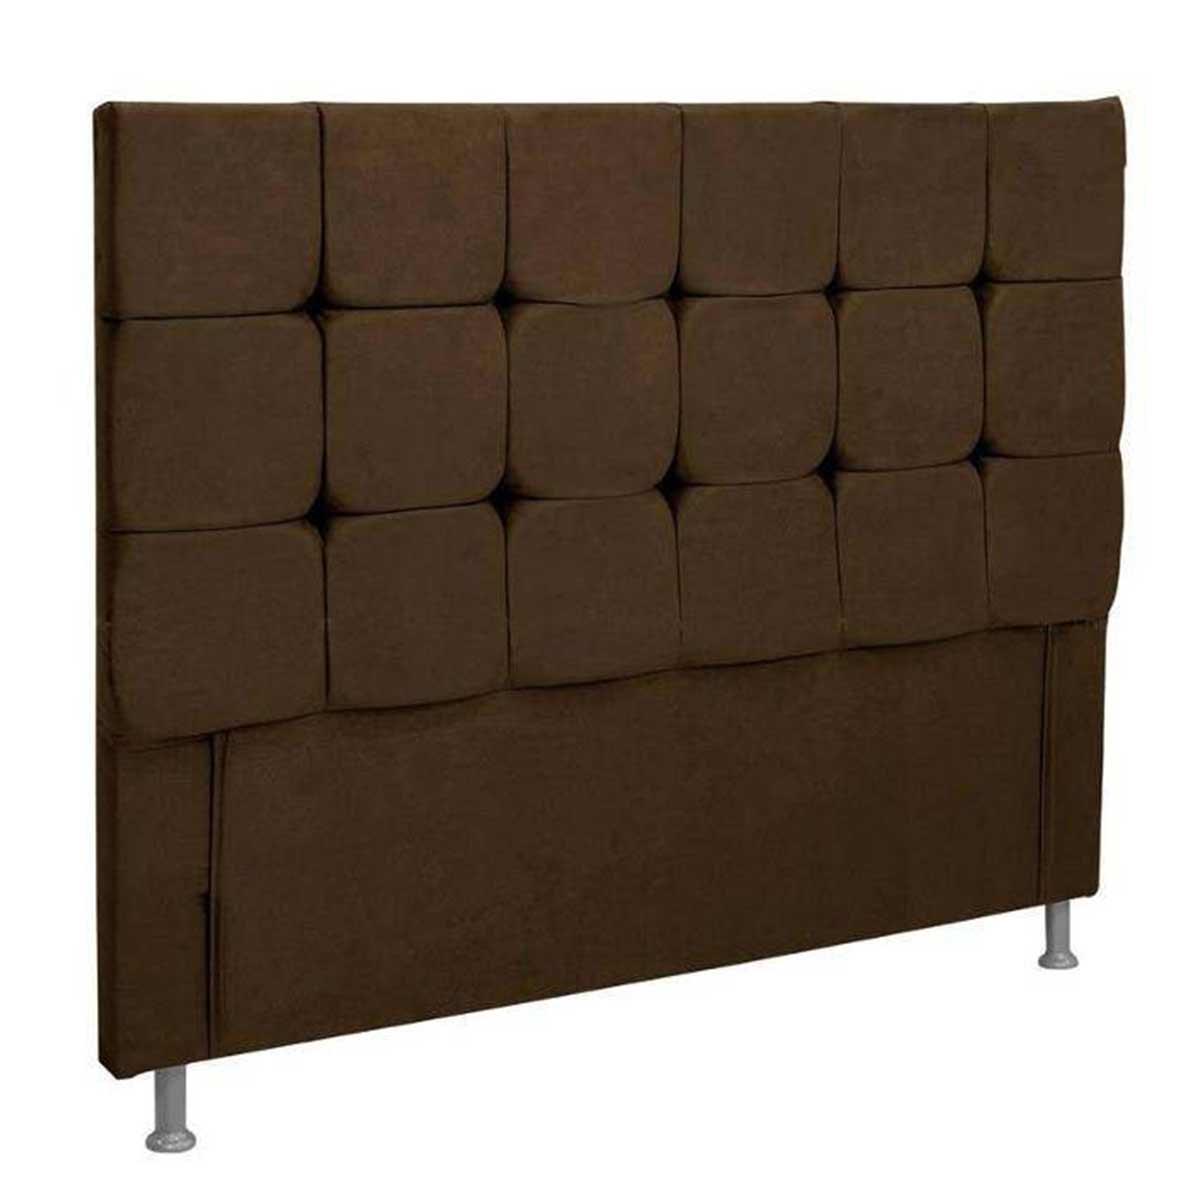 Cabeceira Casal Estofada Slim 140 cm Suede Chocolate Simbal